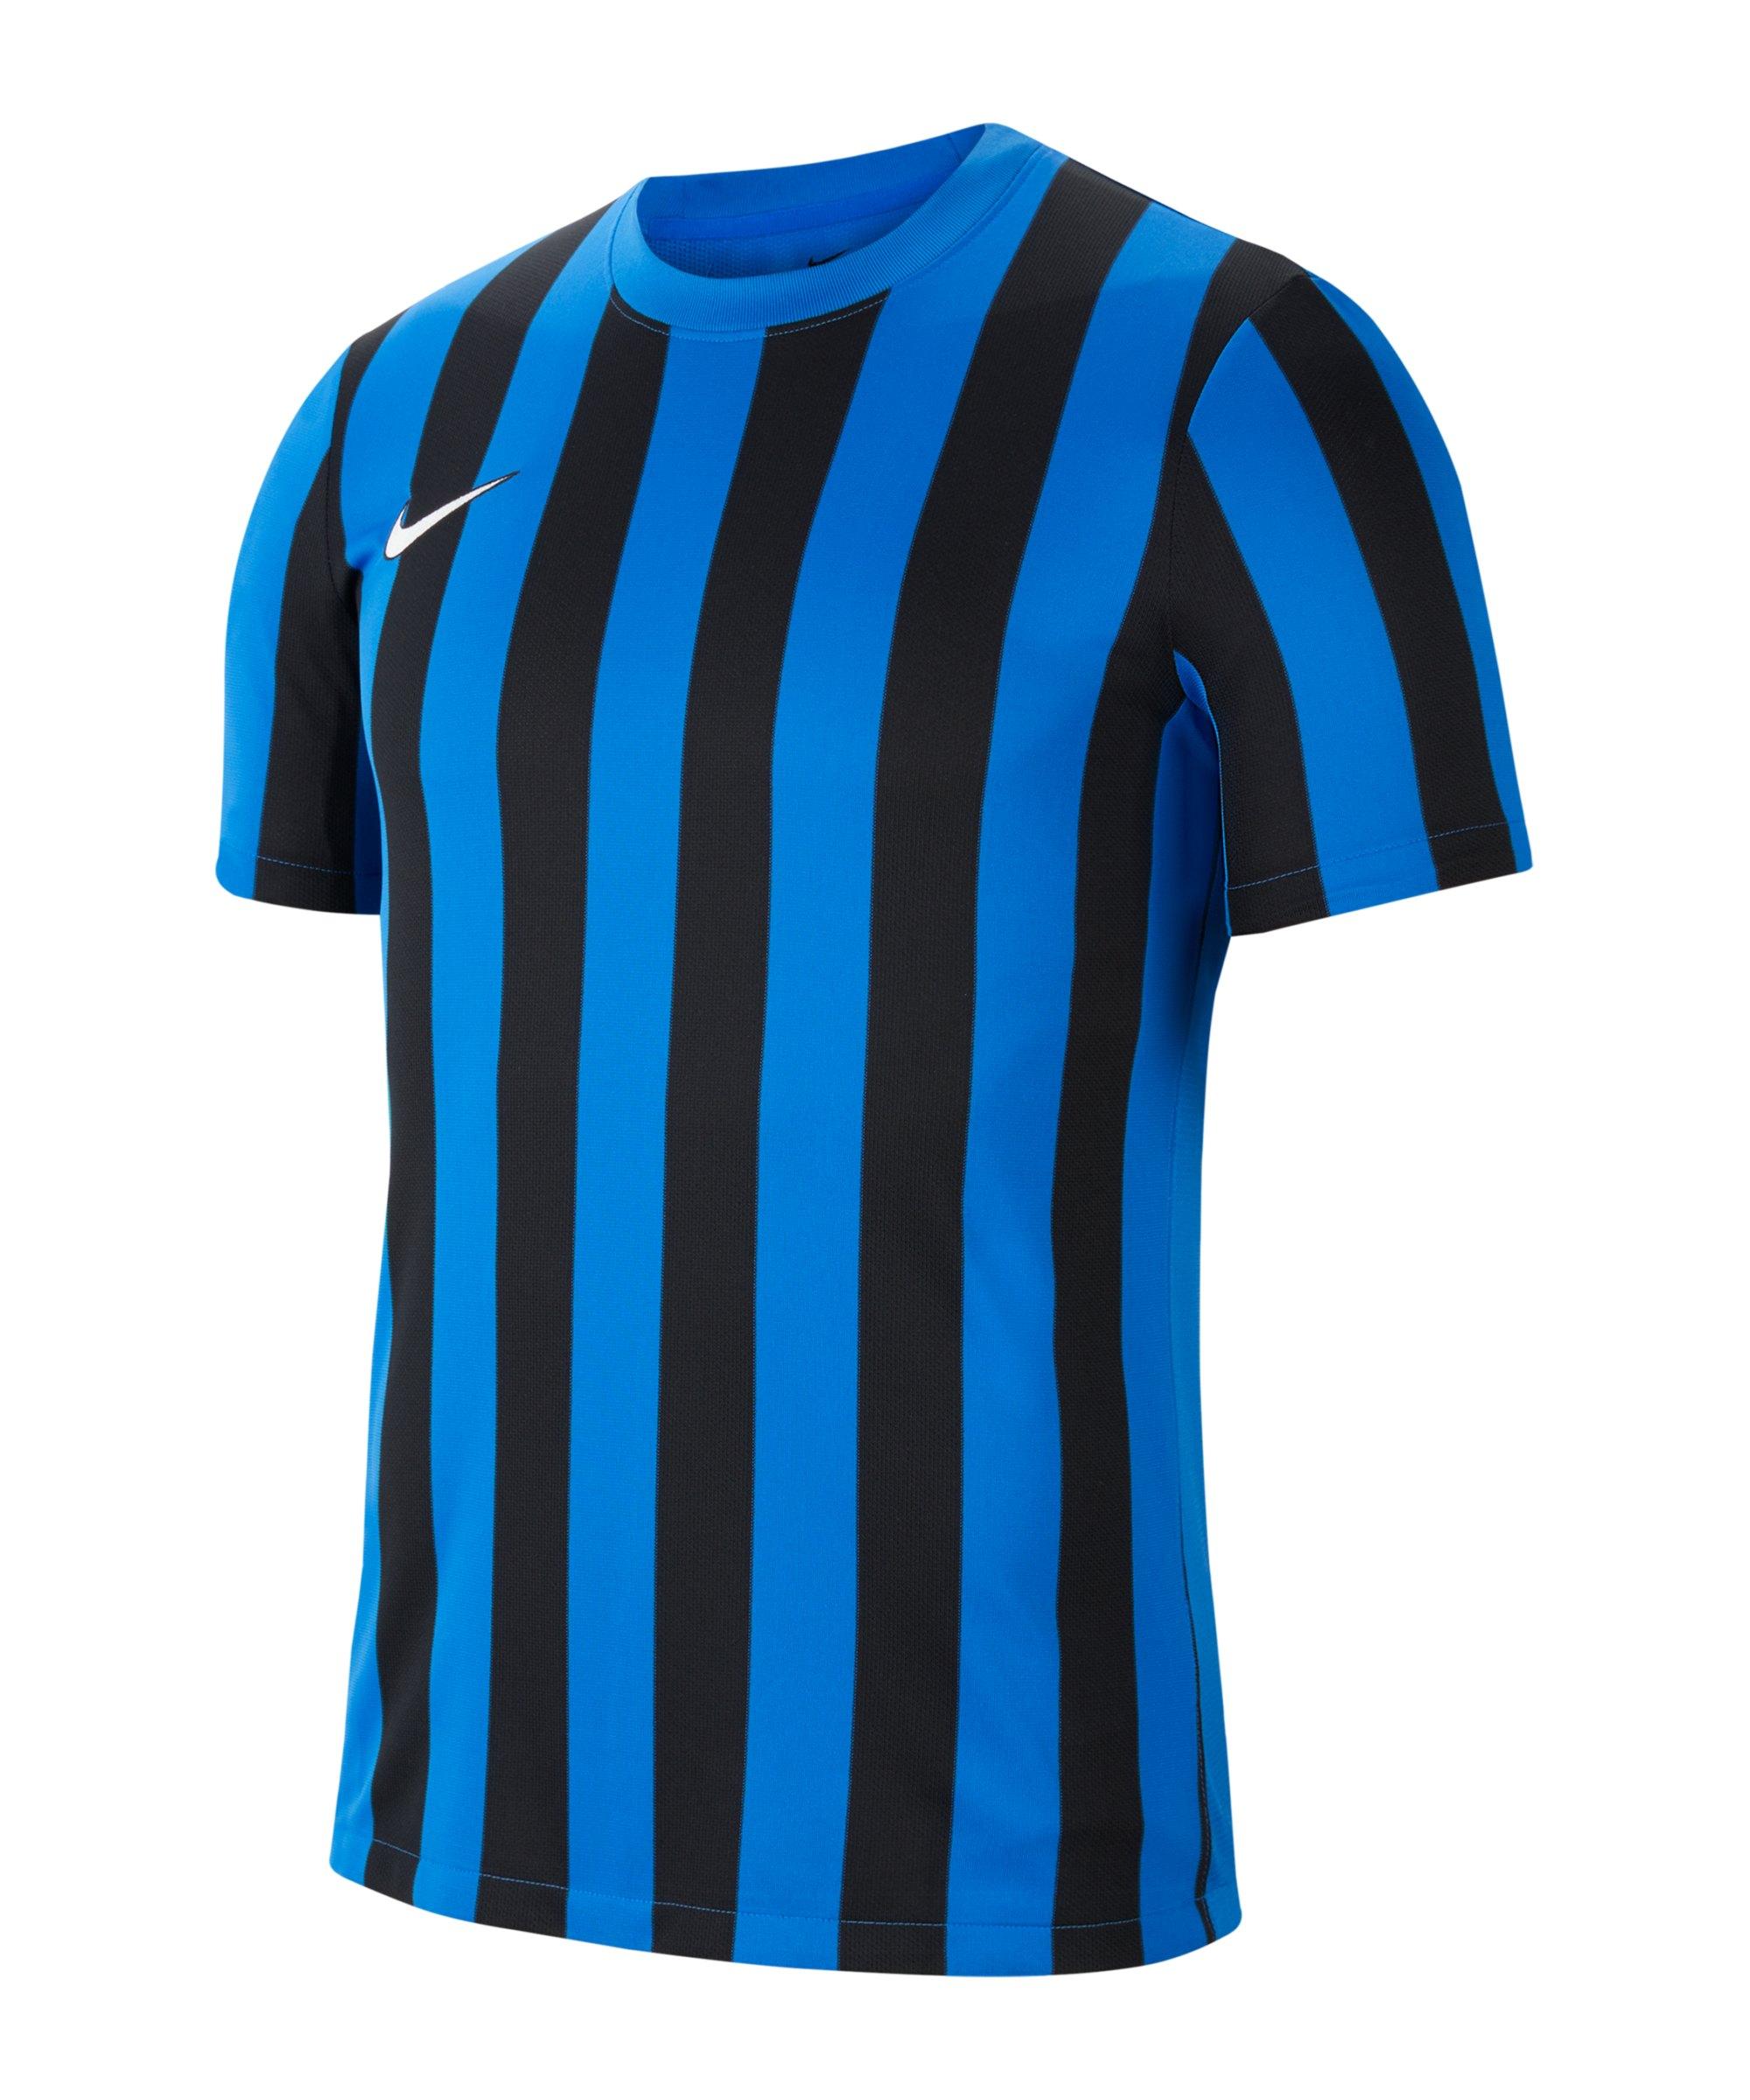 Nike Division IV Trikot kurzarm Kids Blau F463 - blau